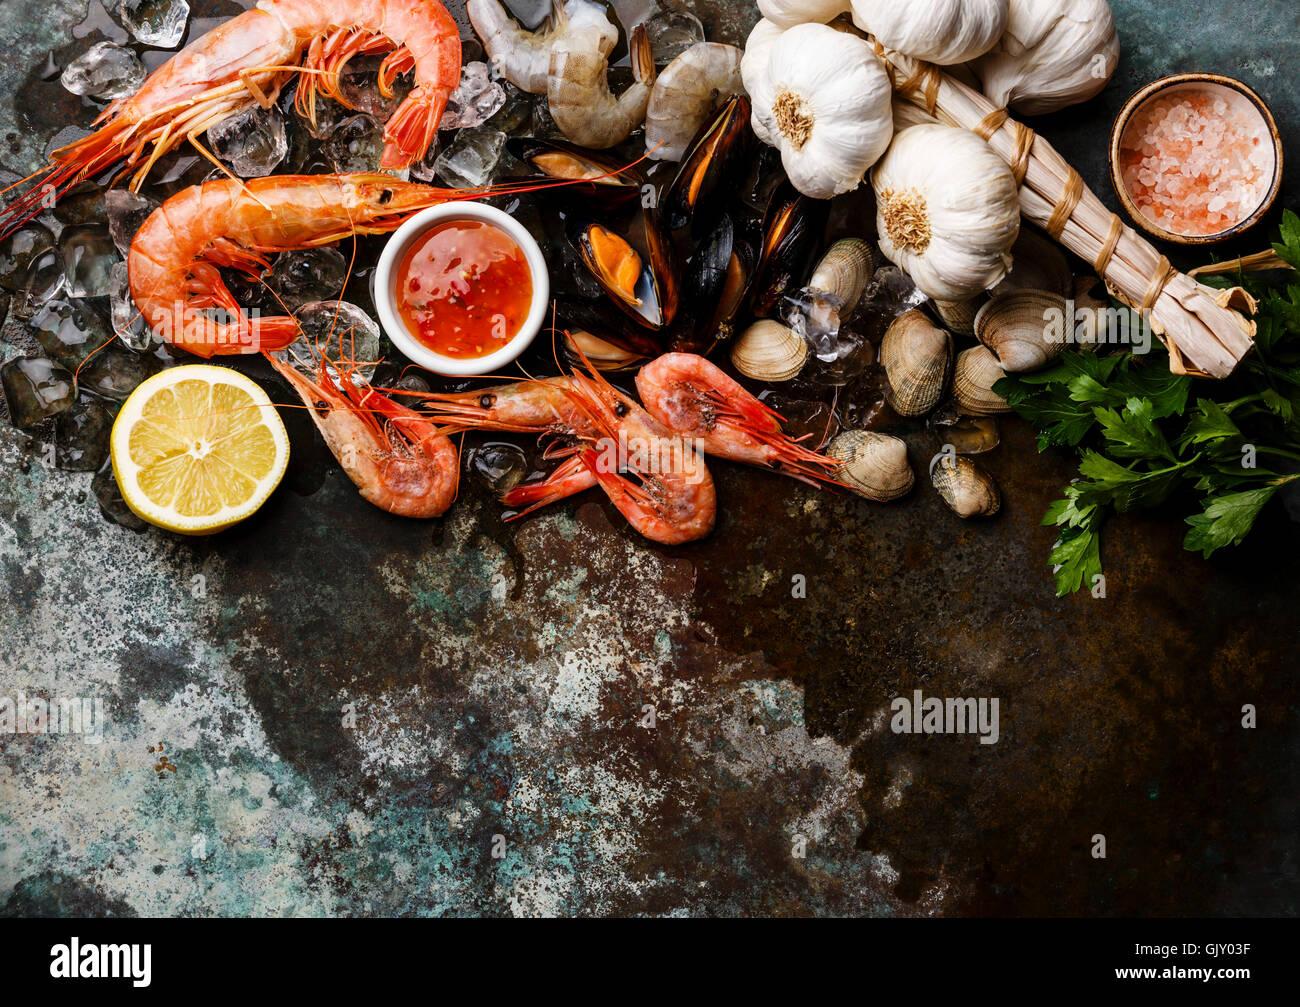 Copie de fruits de mer en arrière-plan de l'espace avec des matières moules, palourdes, crevettes, Photo Stock